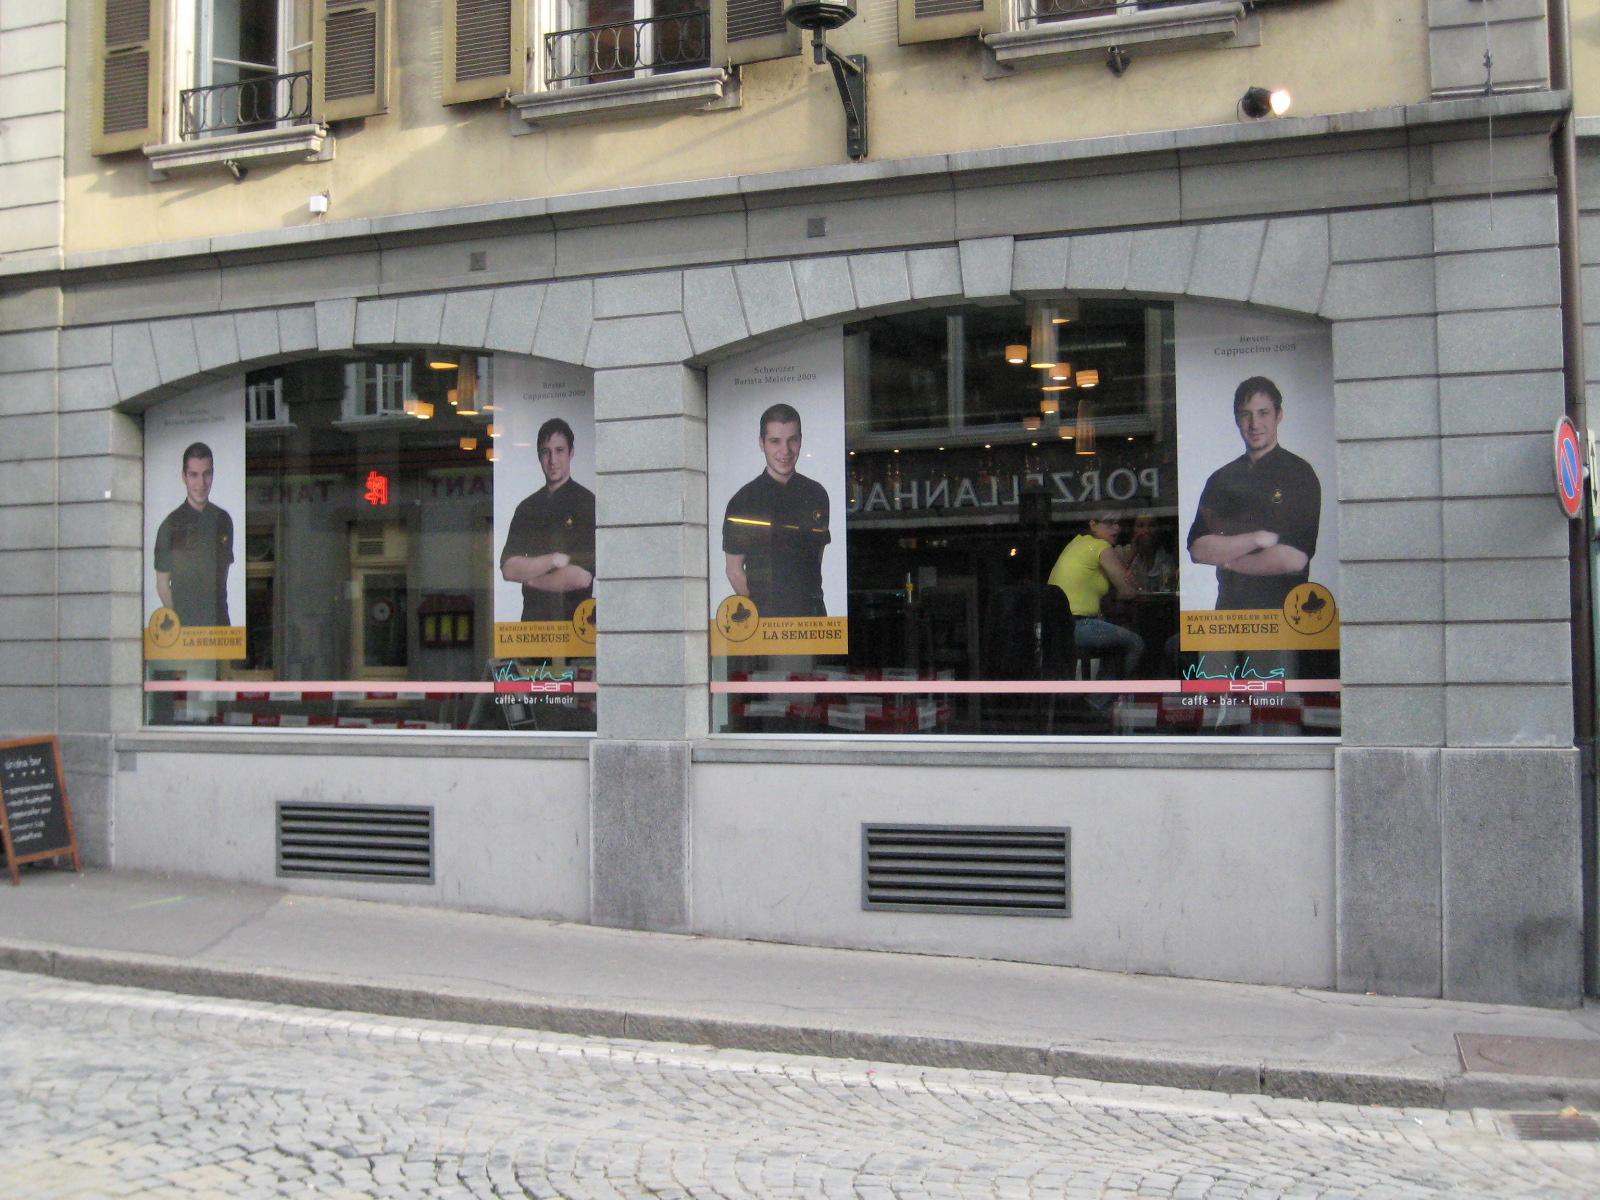 Die Thuner Shisha Bar mit Philipp Meier und Mathias Bühler im Fenster